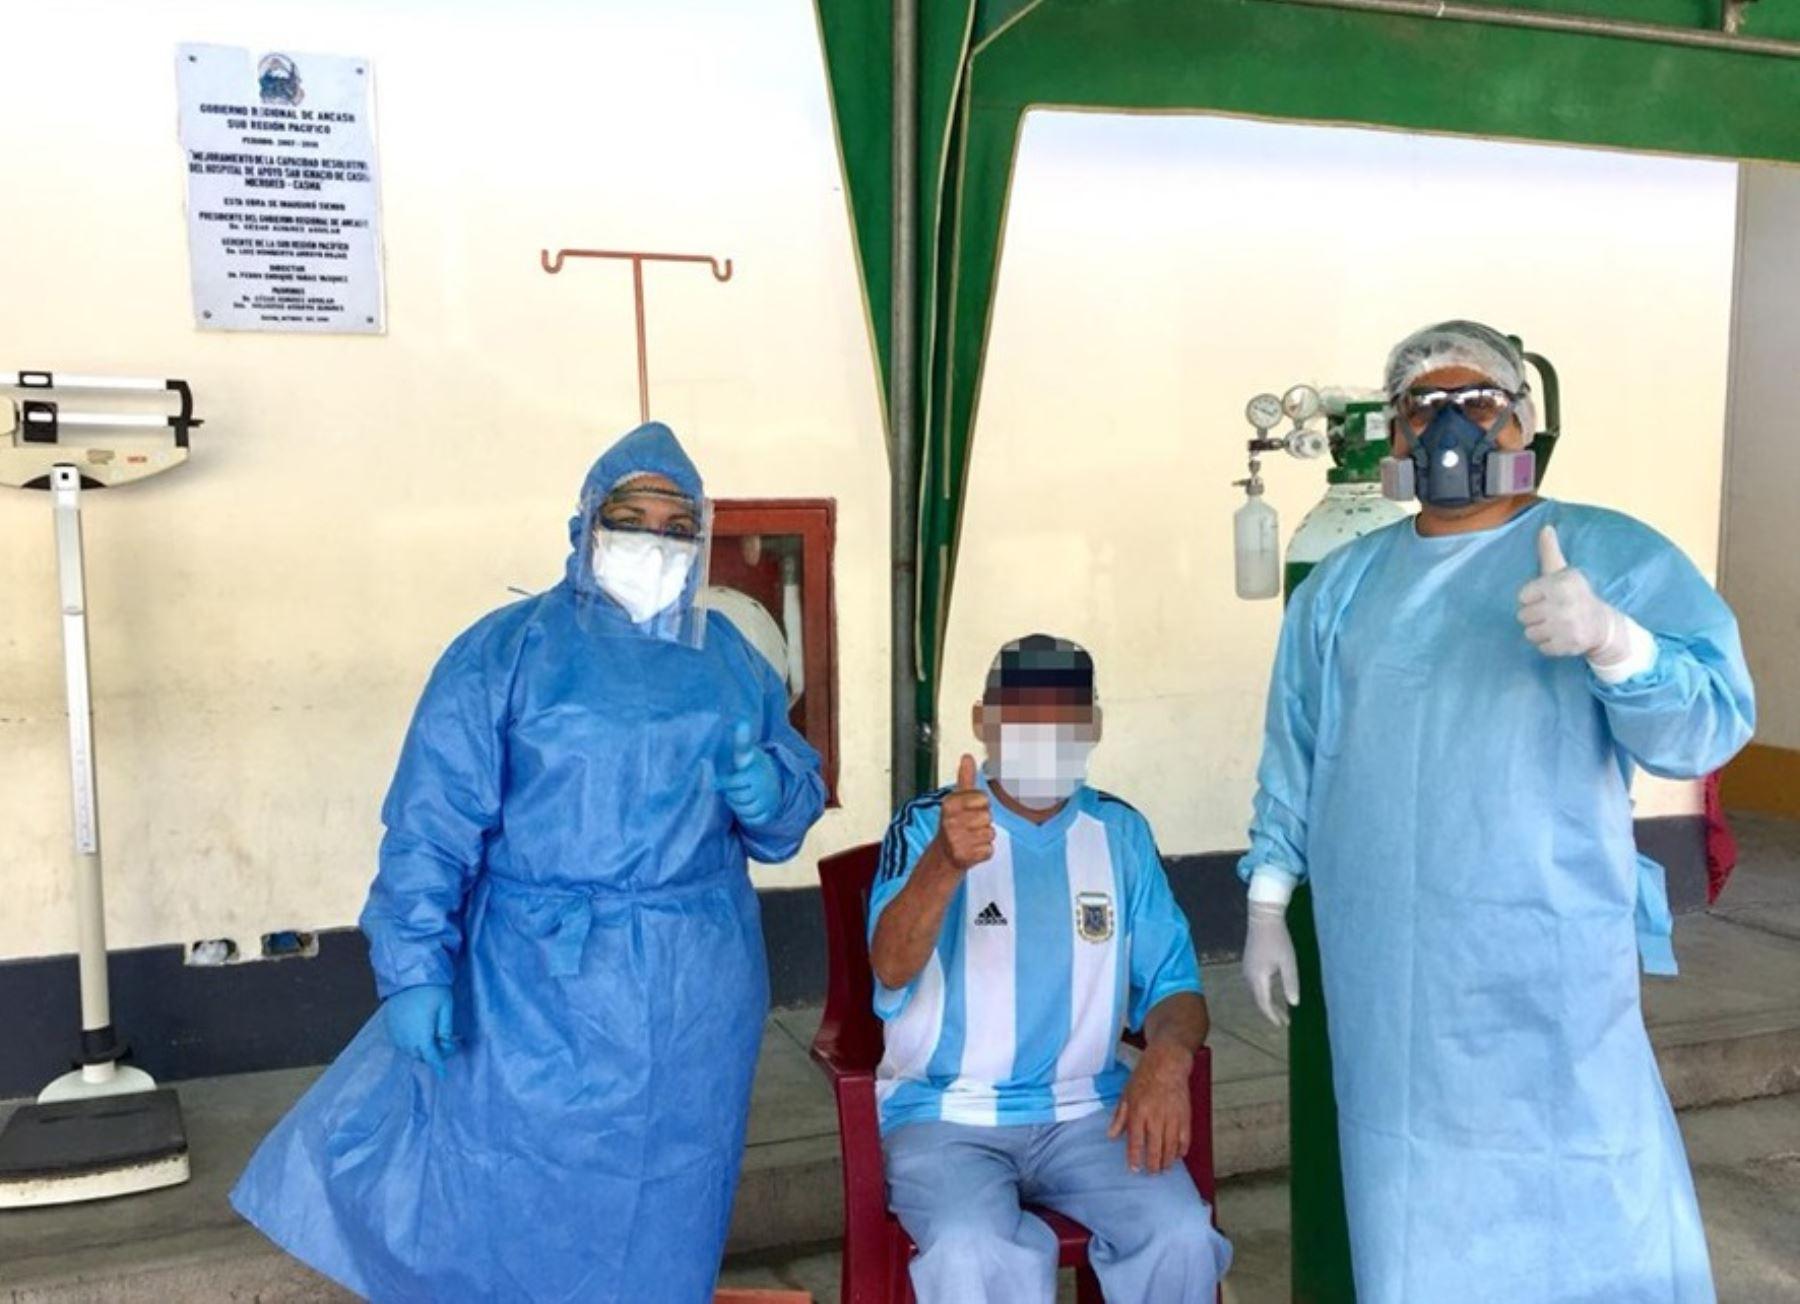 Buena noticia. La provincia de Casma, región Áncash, cumple dos semanas sin registrar muertes por coronavirus (covid-19), informaron las autoridades de salud. ANDINA/Difusión